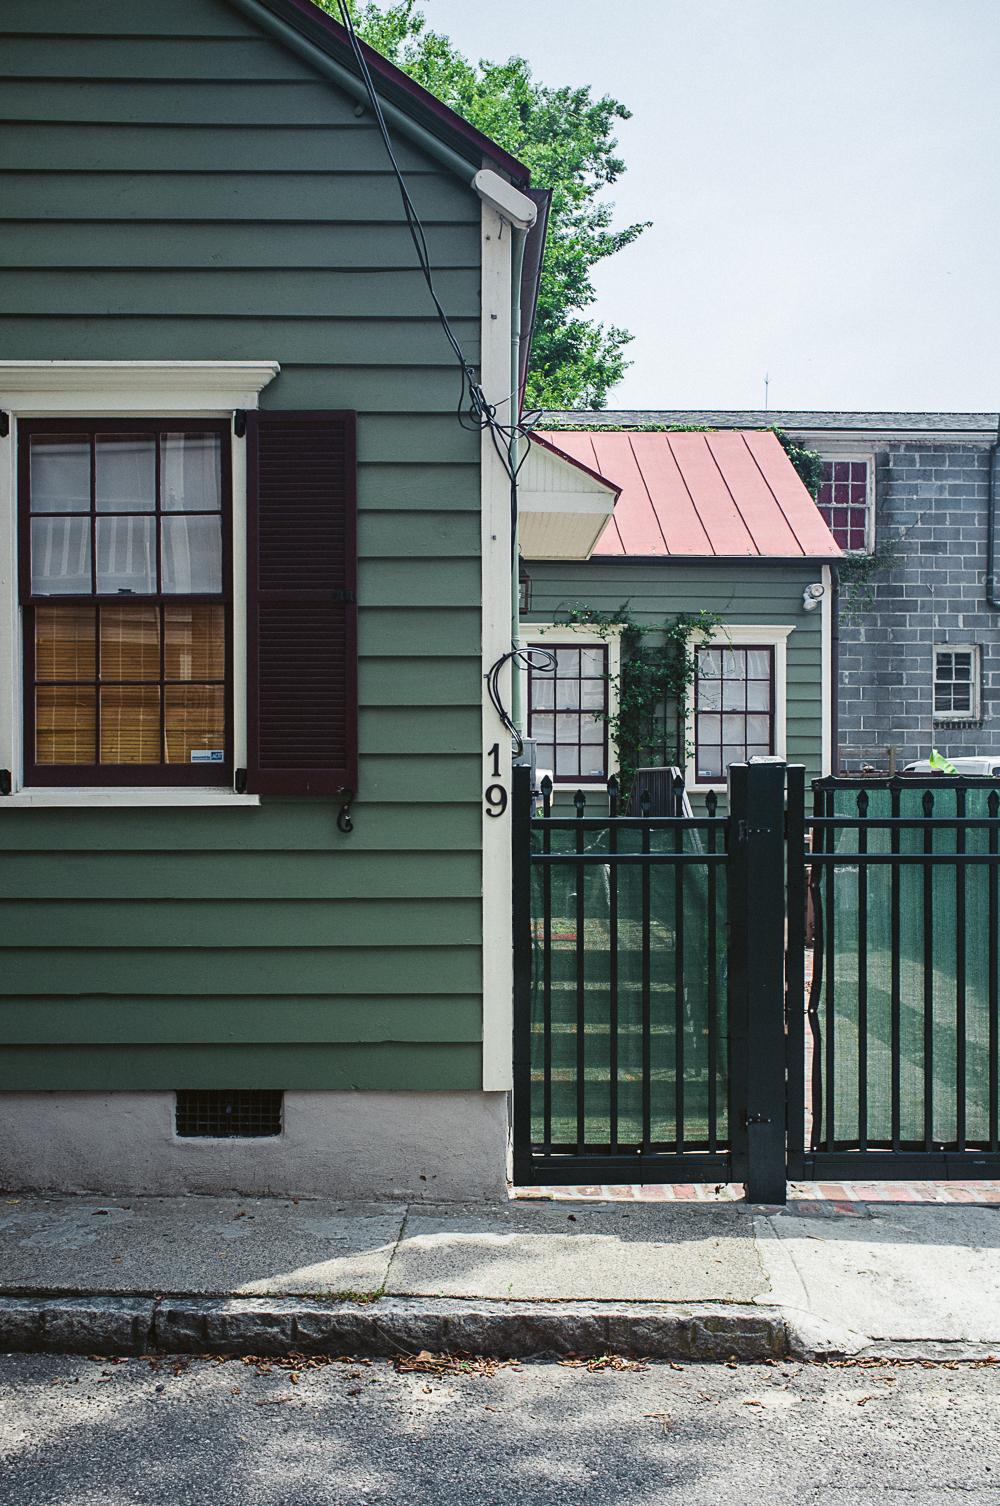 harleston-village-west-street-home-2.jpg